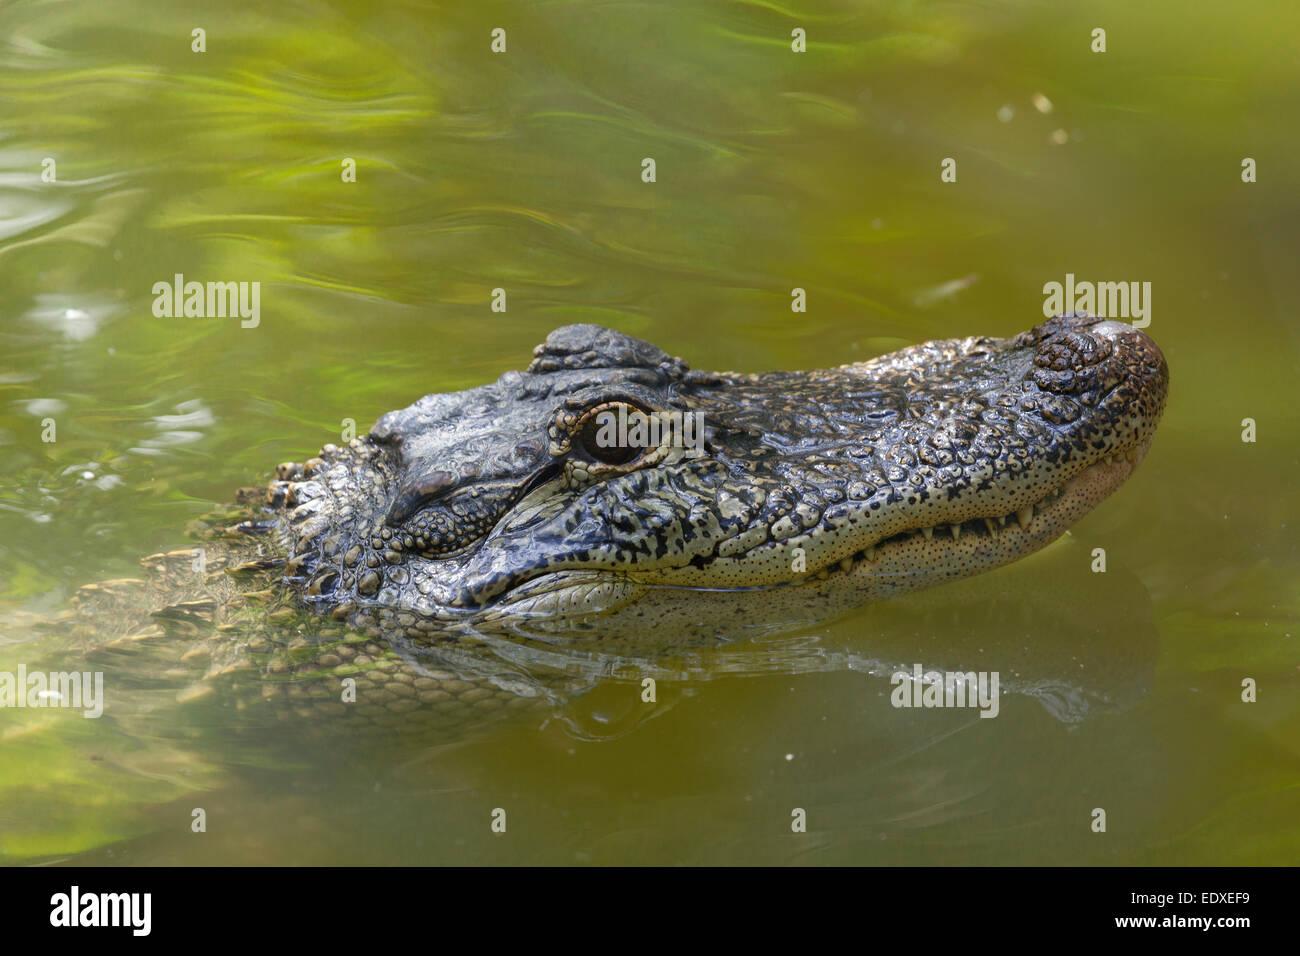 Krokodil im australischen Zoo, Beerwah, Australien Stockbild